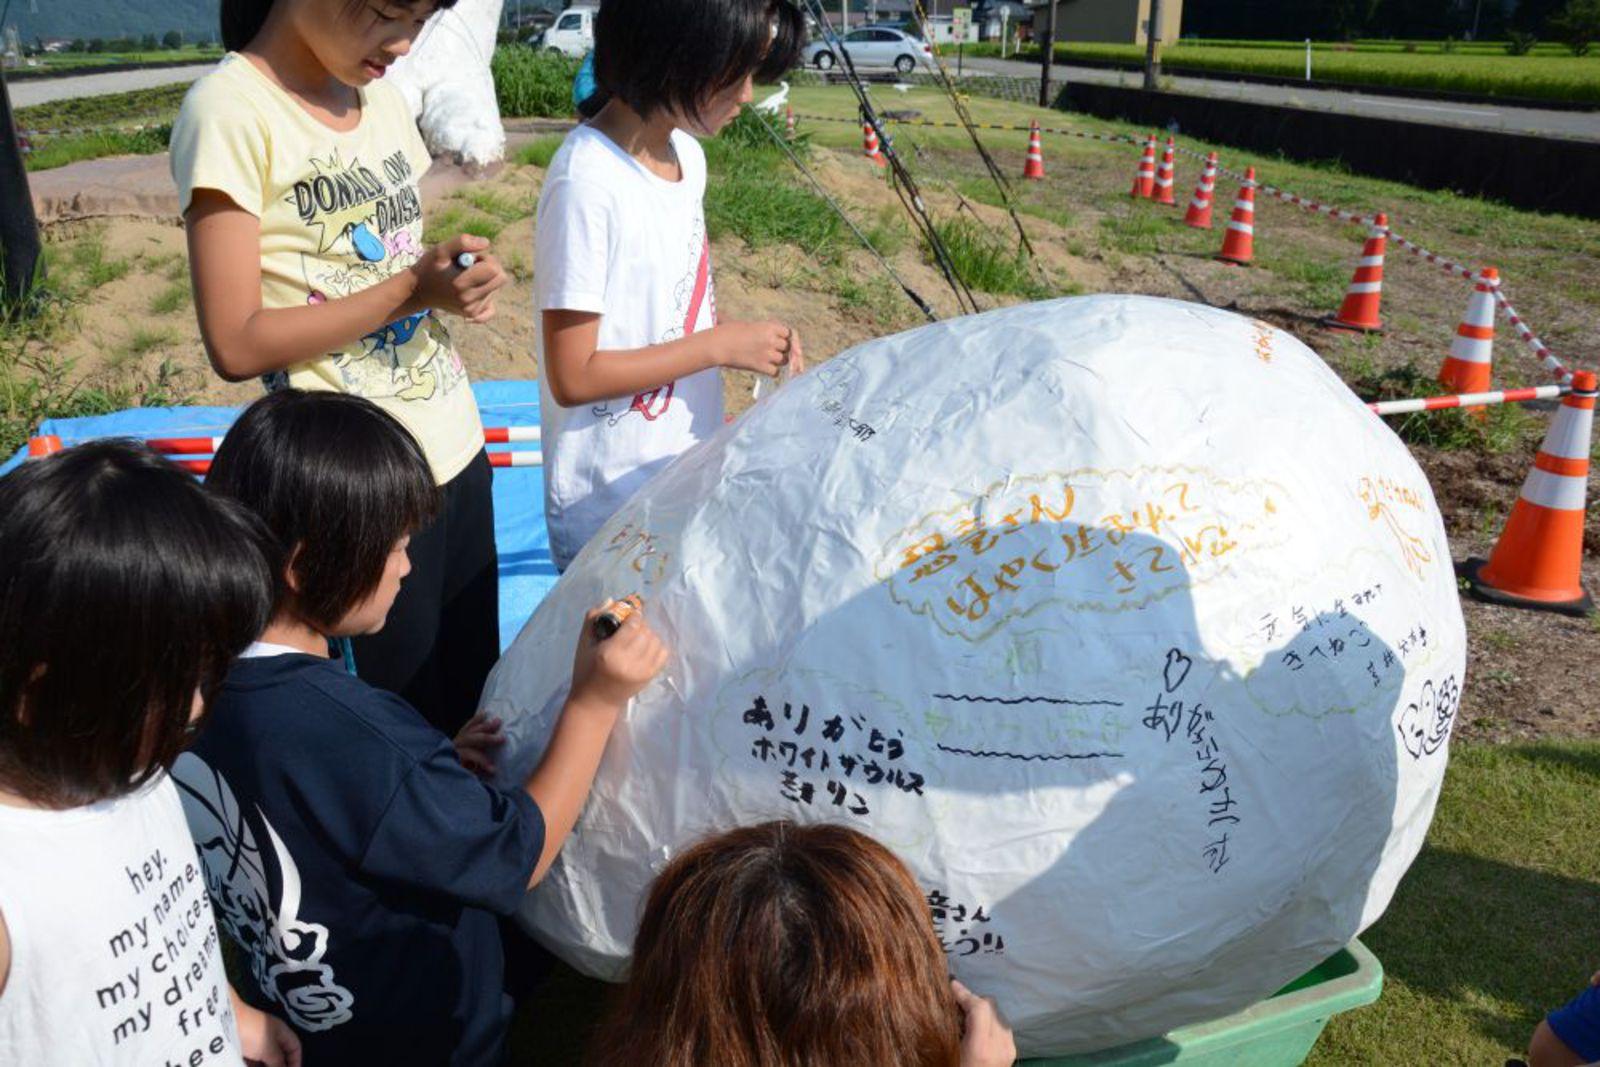 恐竜の卵にありがとうのメッセージを書き込む(写真提供: 勝山市)